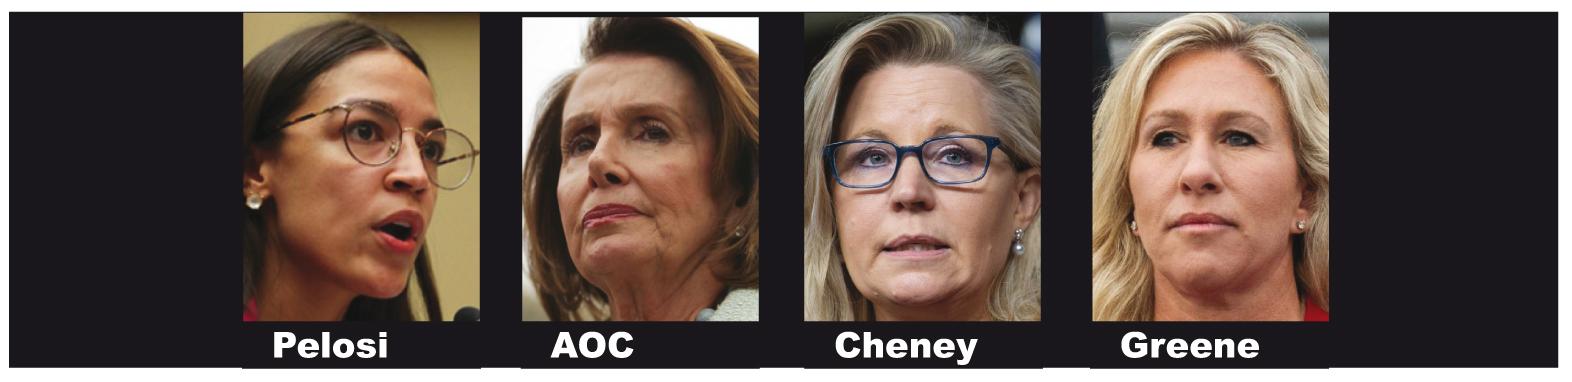 Four female faces of American politics